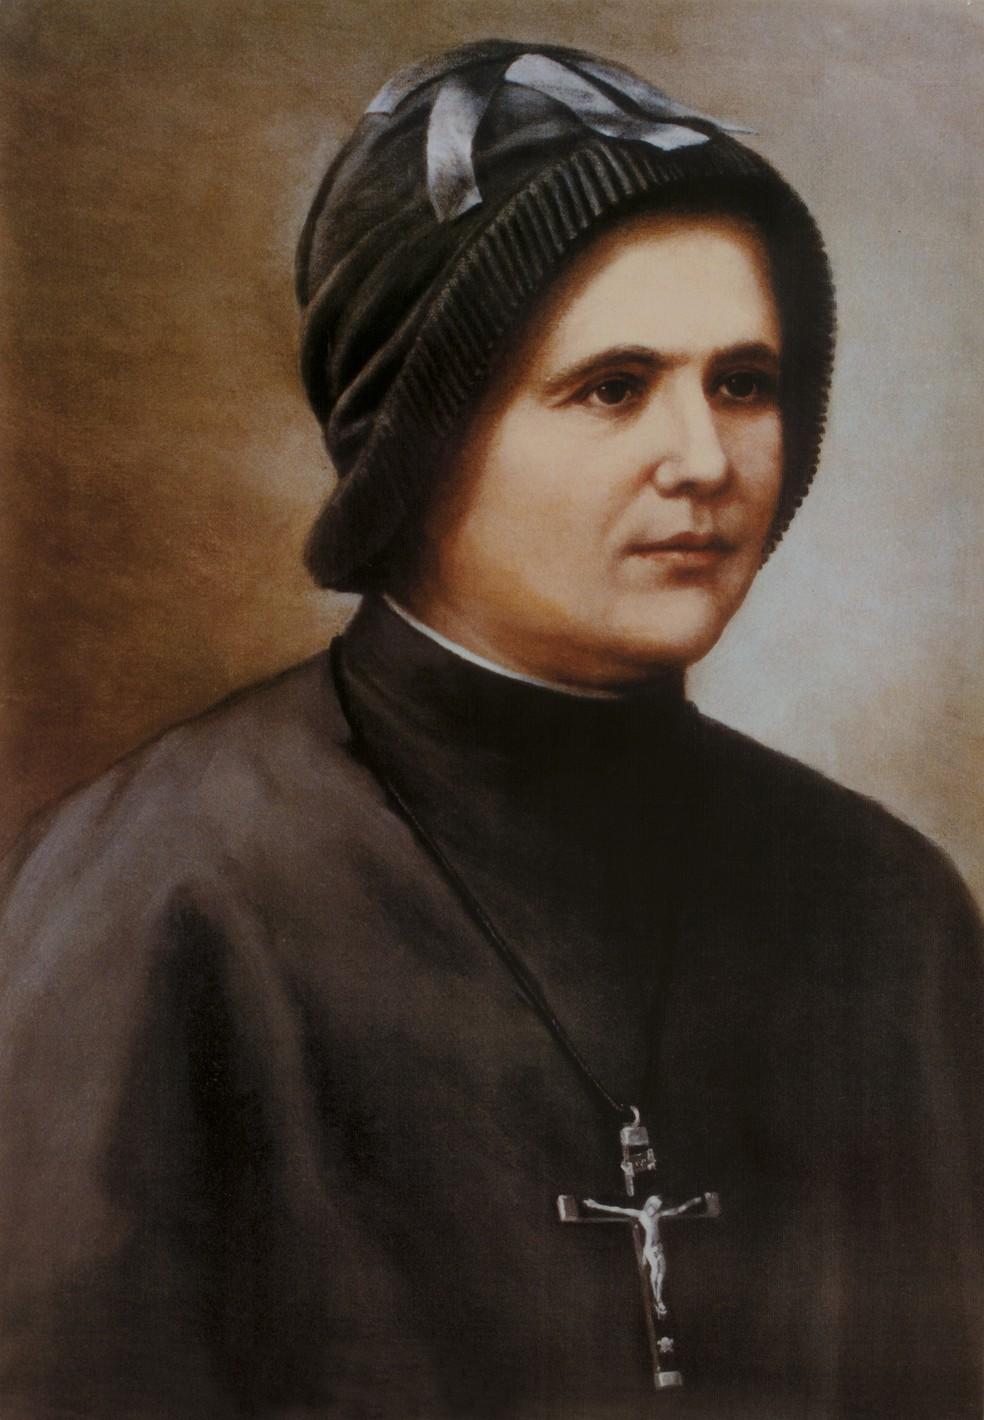 Madre Clélia Merloni, fundadora do Instituto das Apóstolas do Sagrado Coração de Jesus (Foto: Divulgação/ Instituto das Apóstolas do Sagrado Coração de Jesus)